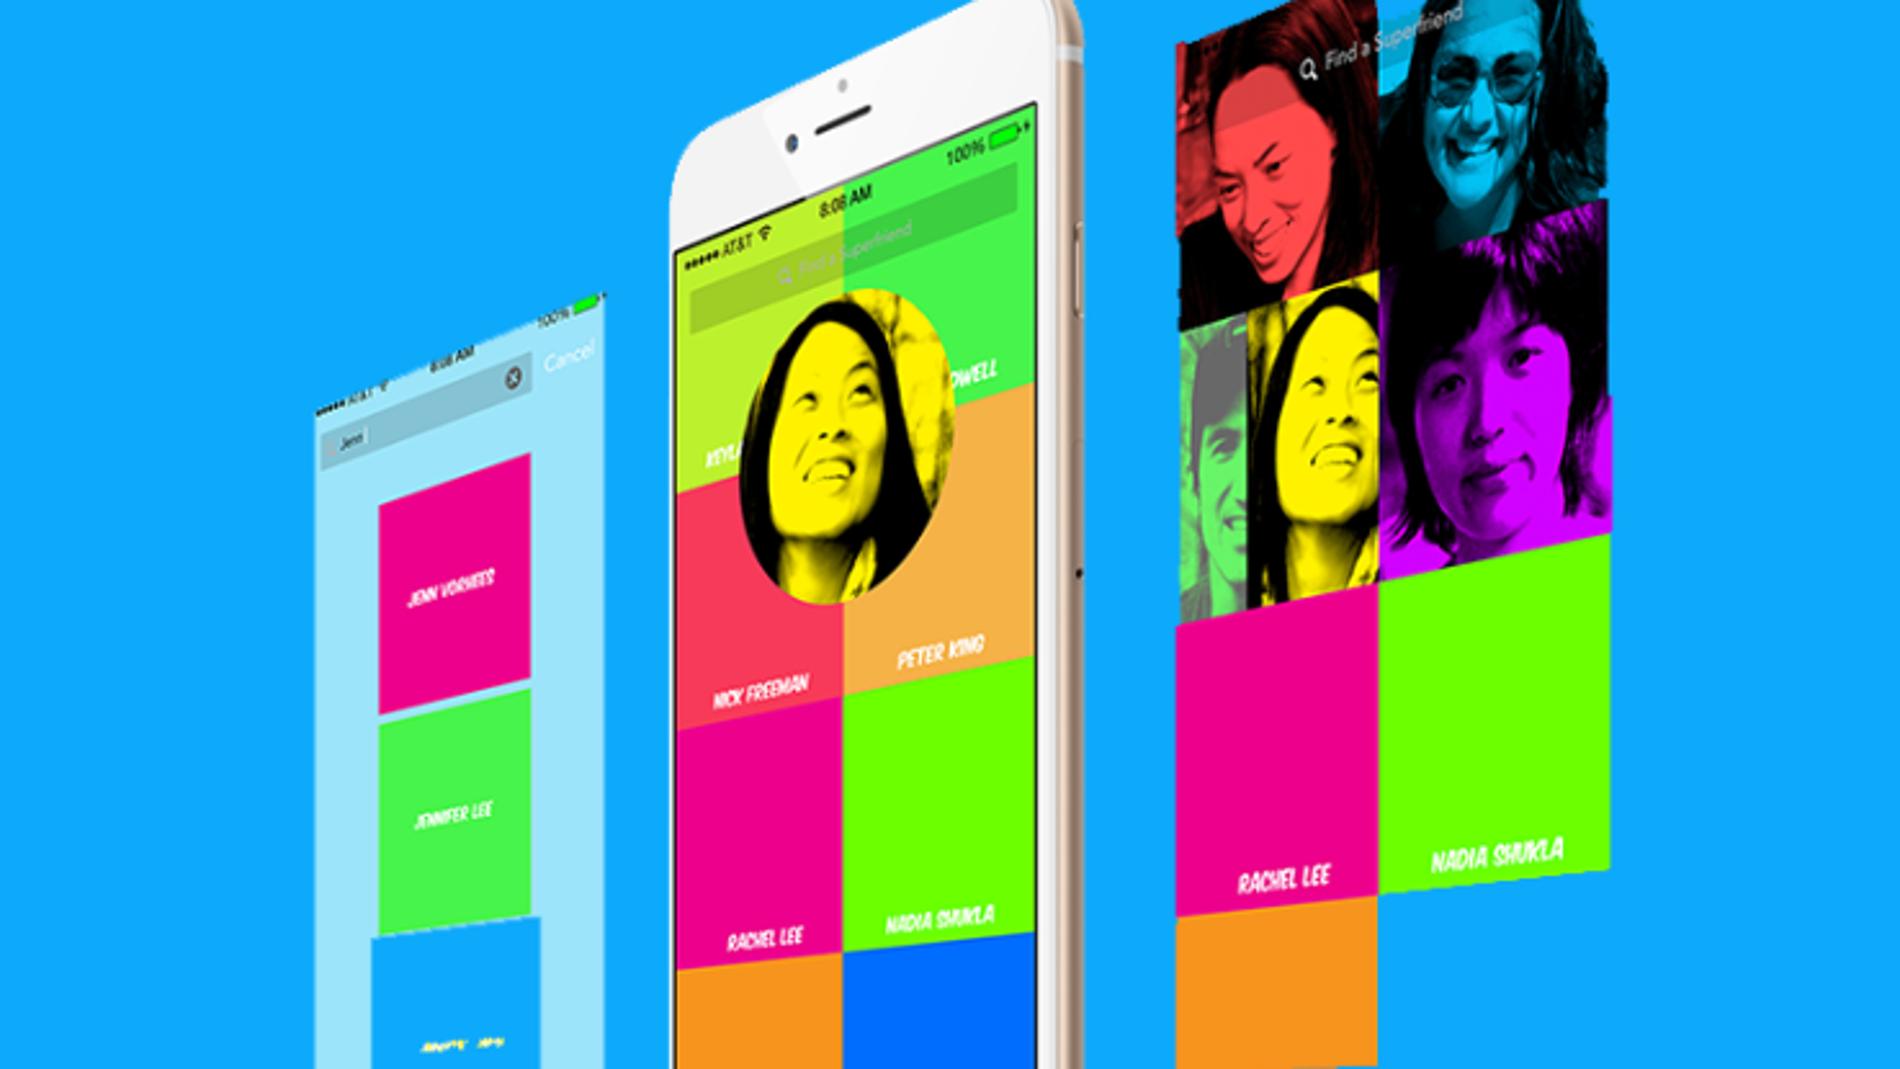 Pop, una app de mensajería con vídeos cortos